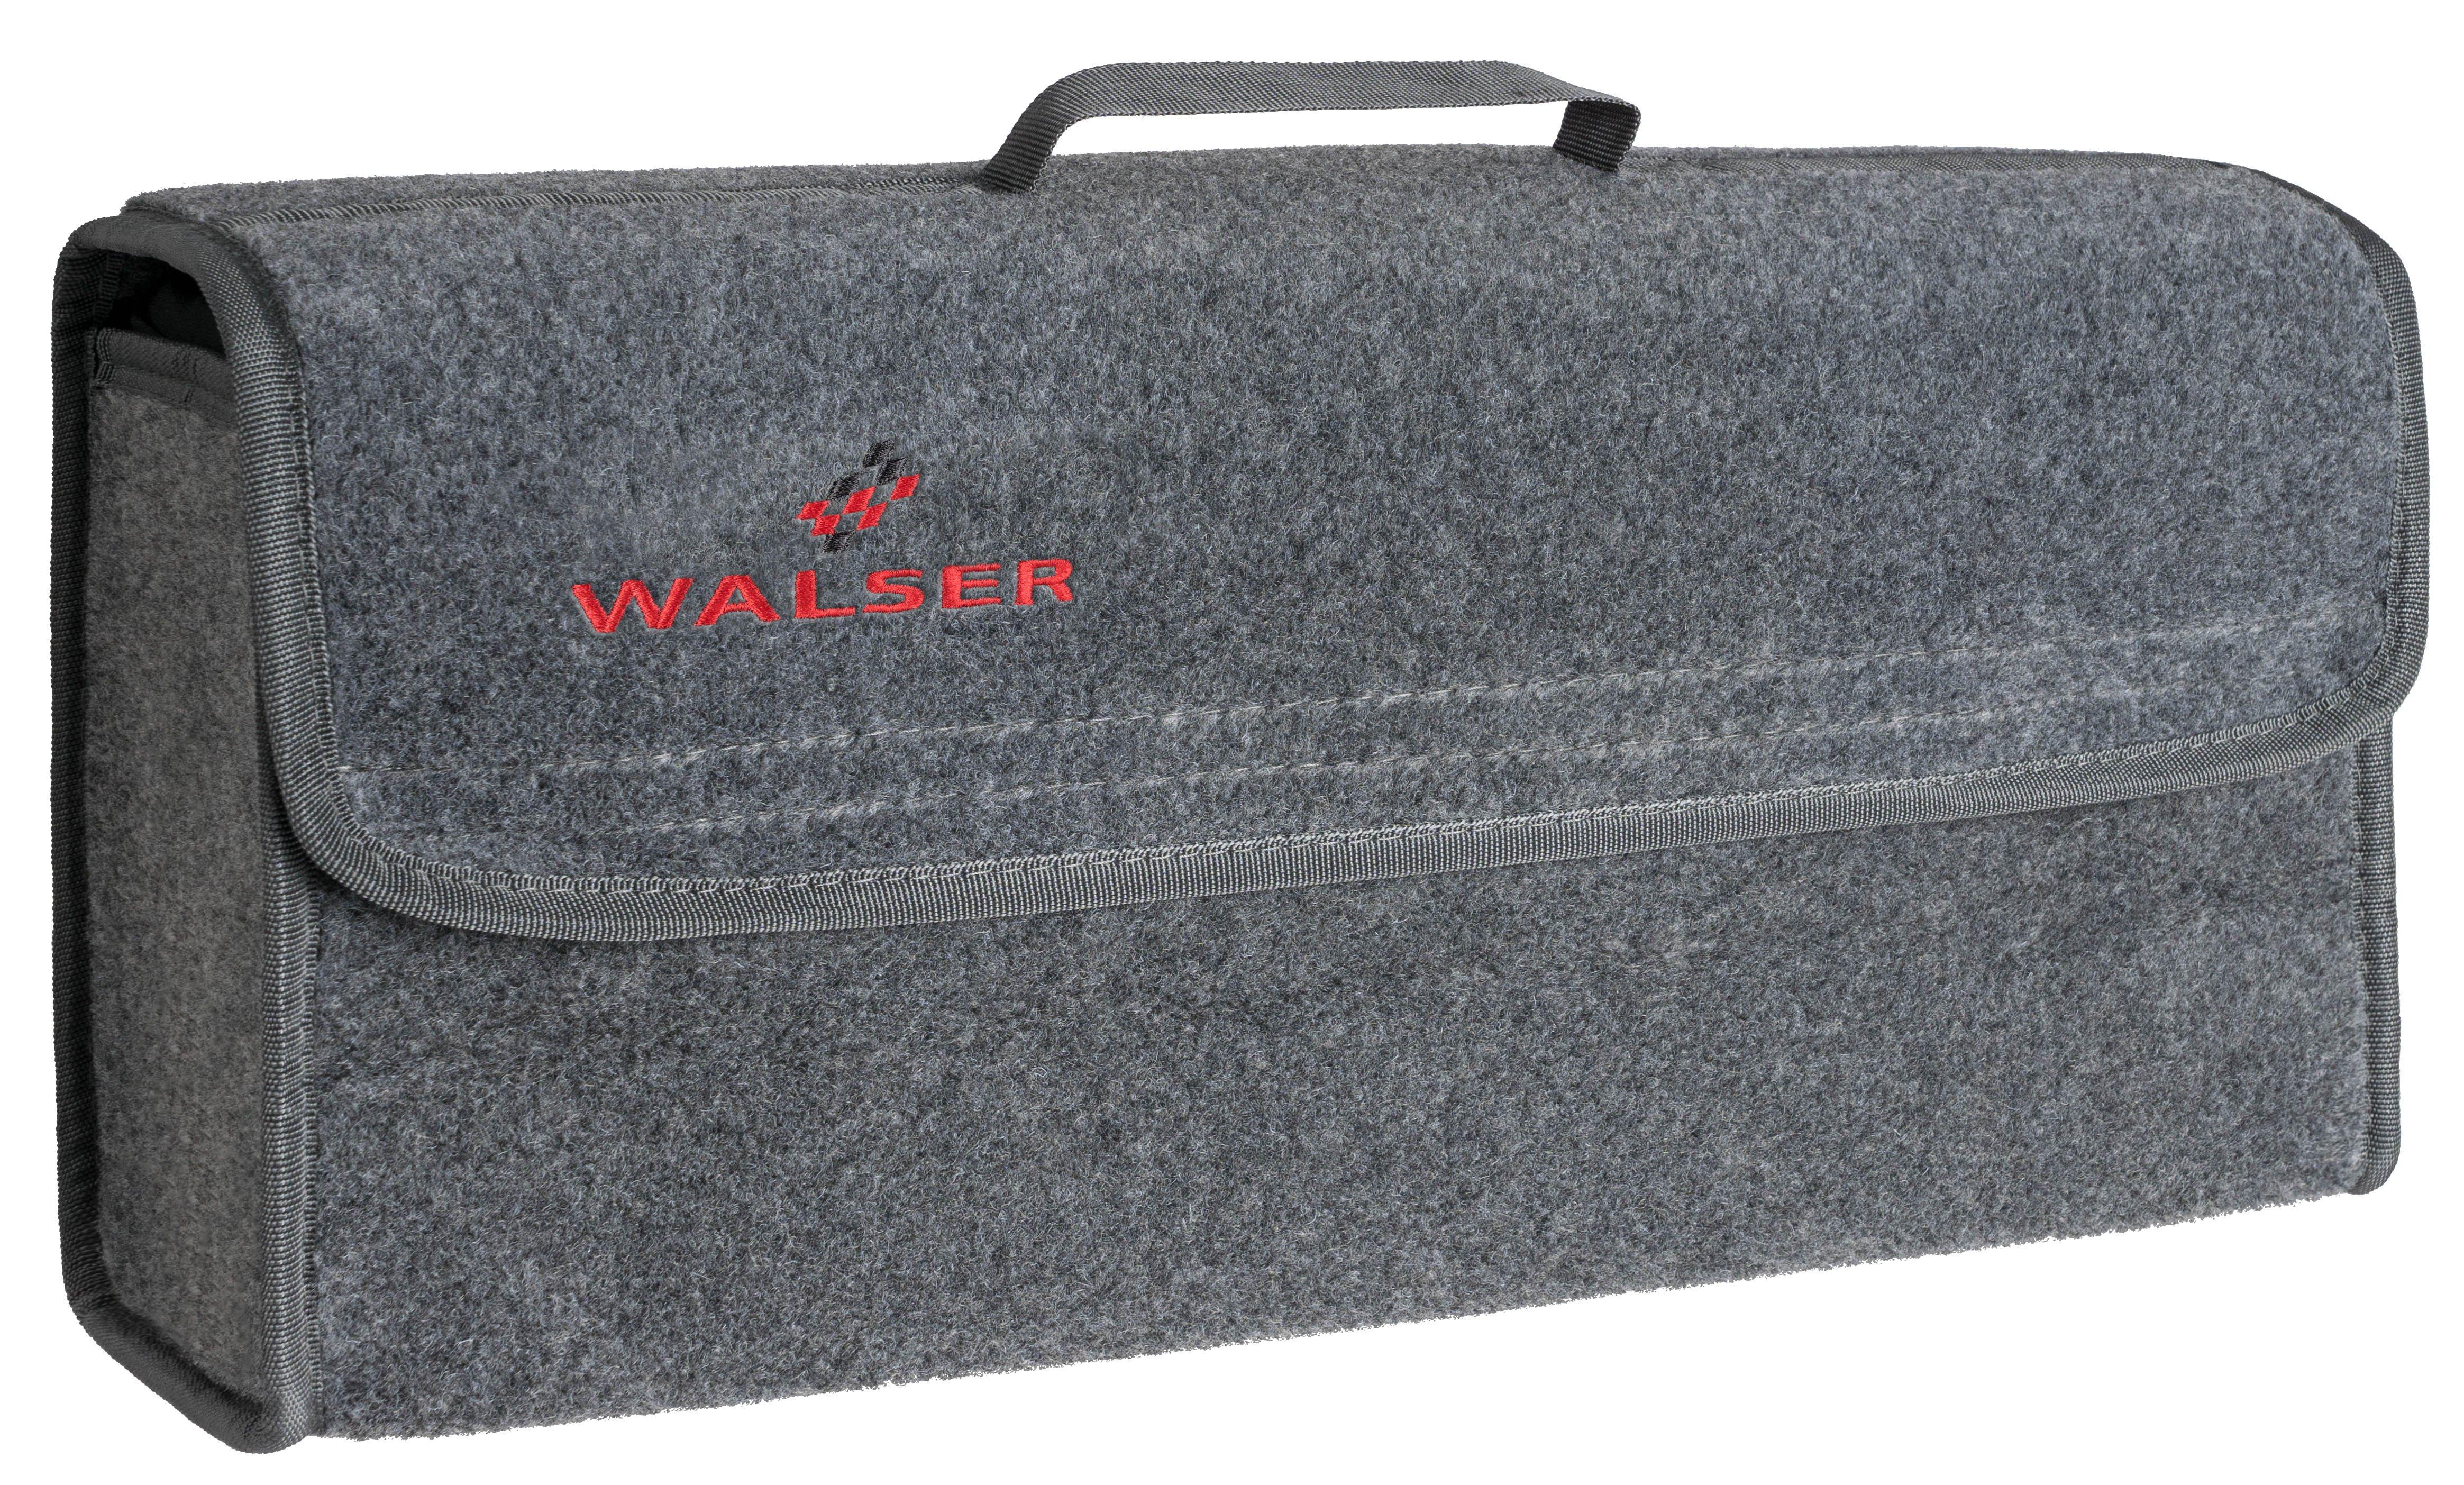 longrep Multifunktionale Aufbewahrungsbox f/ür Auto Leder Autositz Seitentaschen Organizer f/ür Zus/ätzliche Lagerung